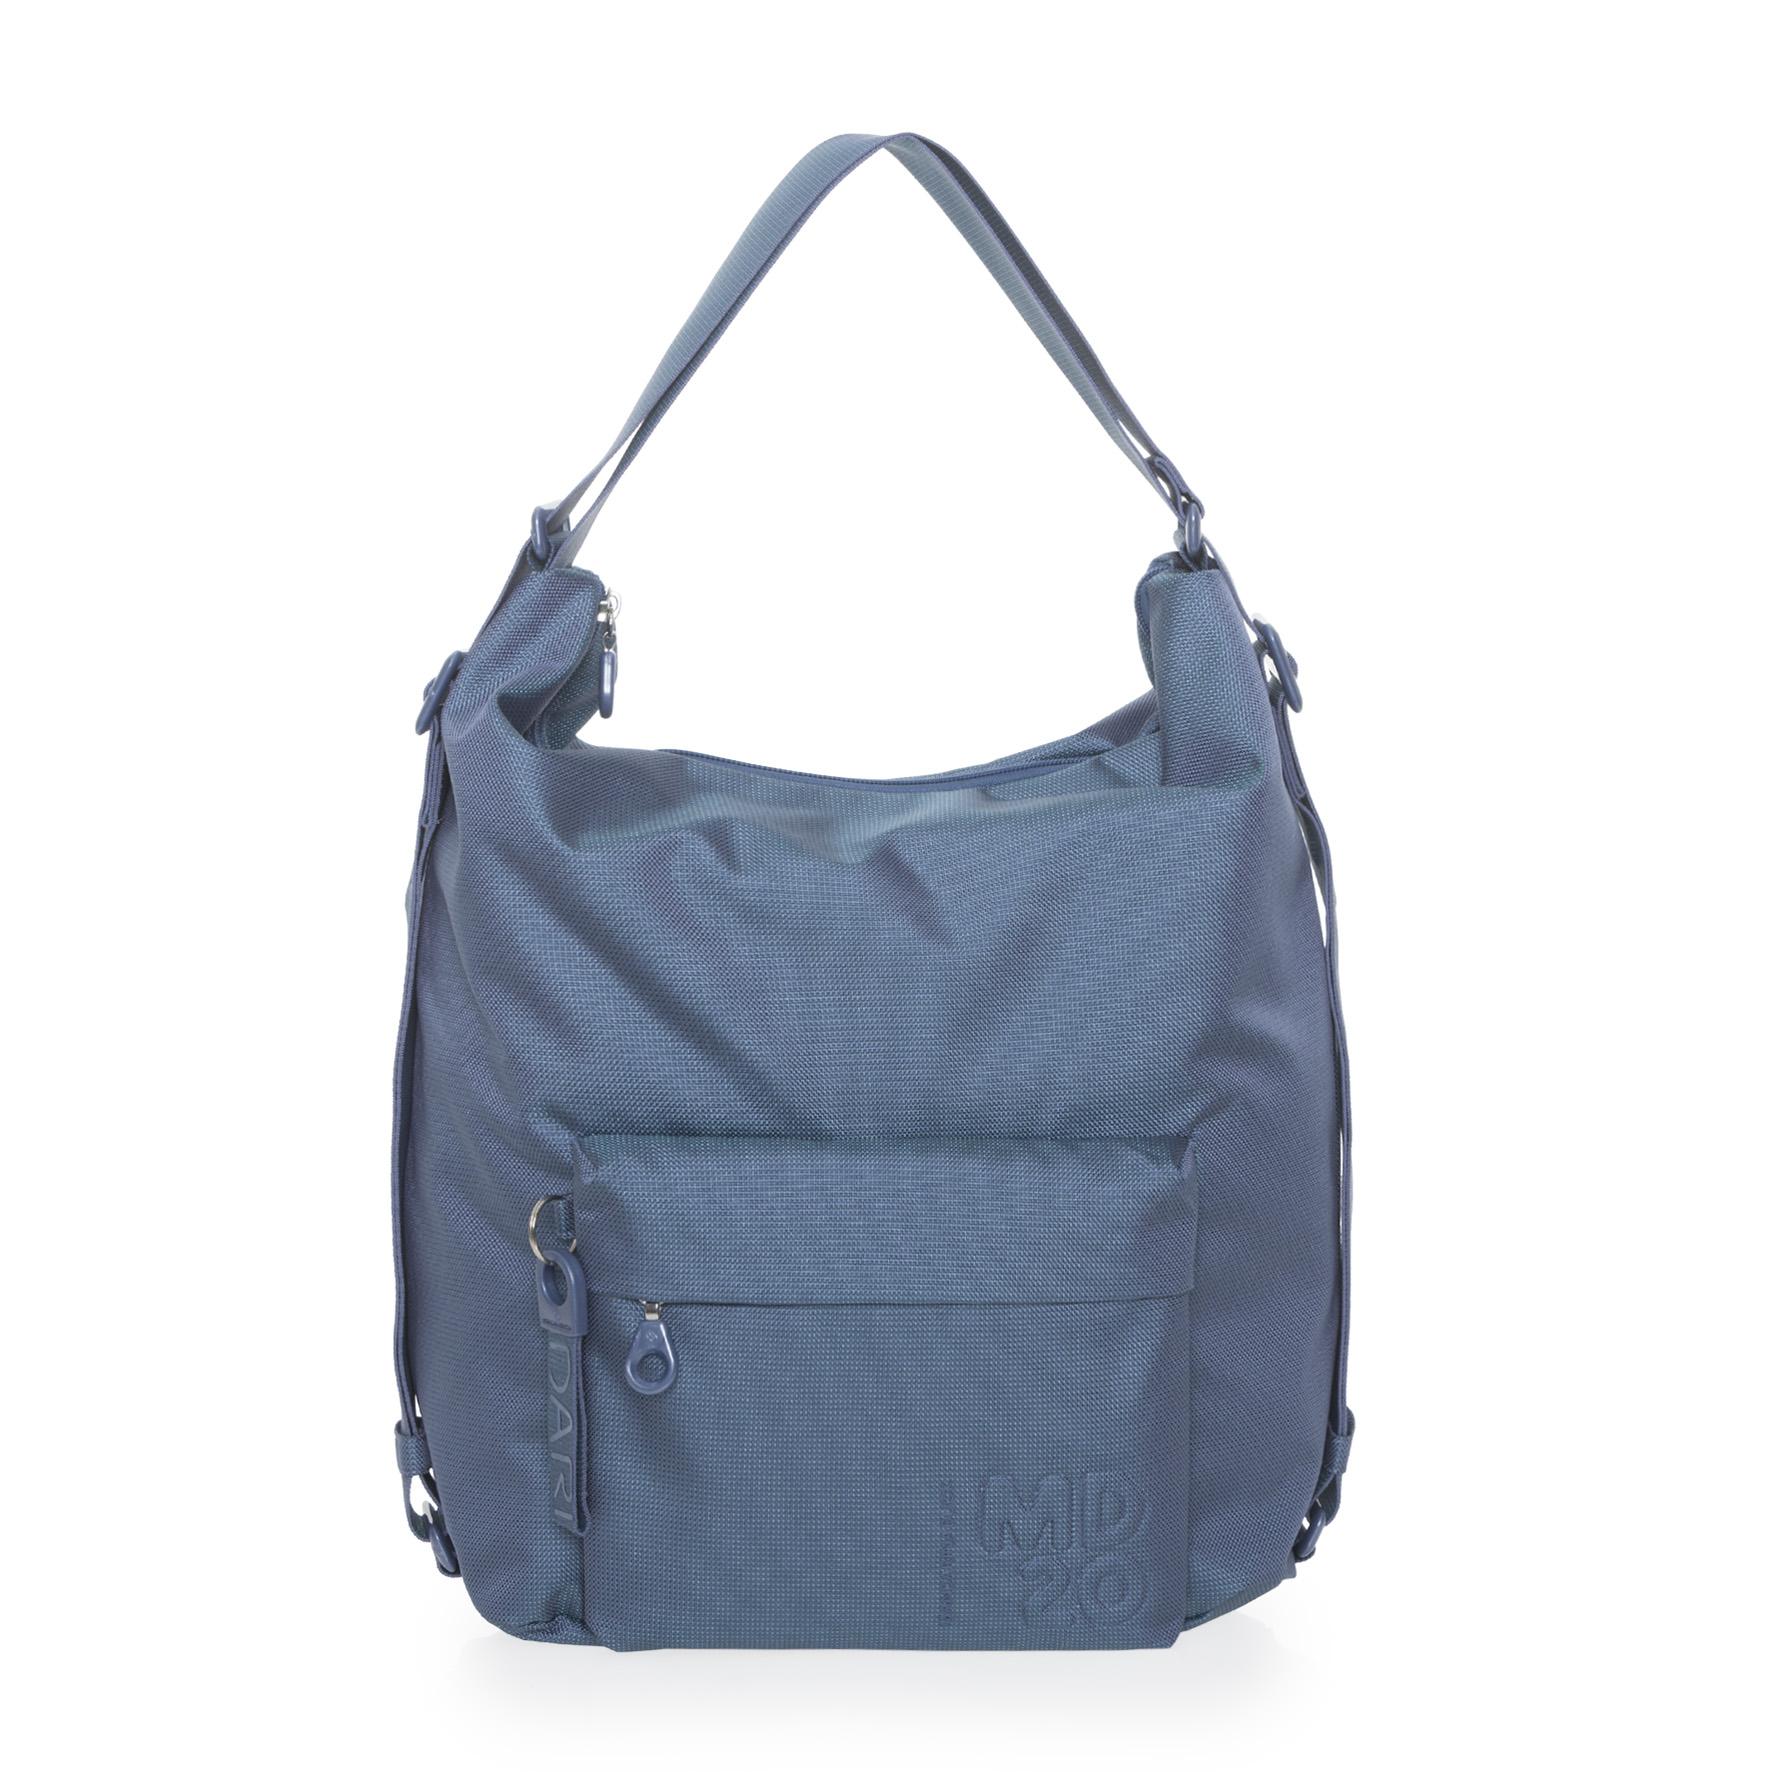 QMT09 bolso mochila azul